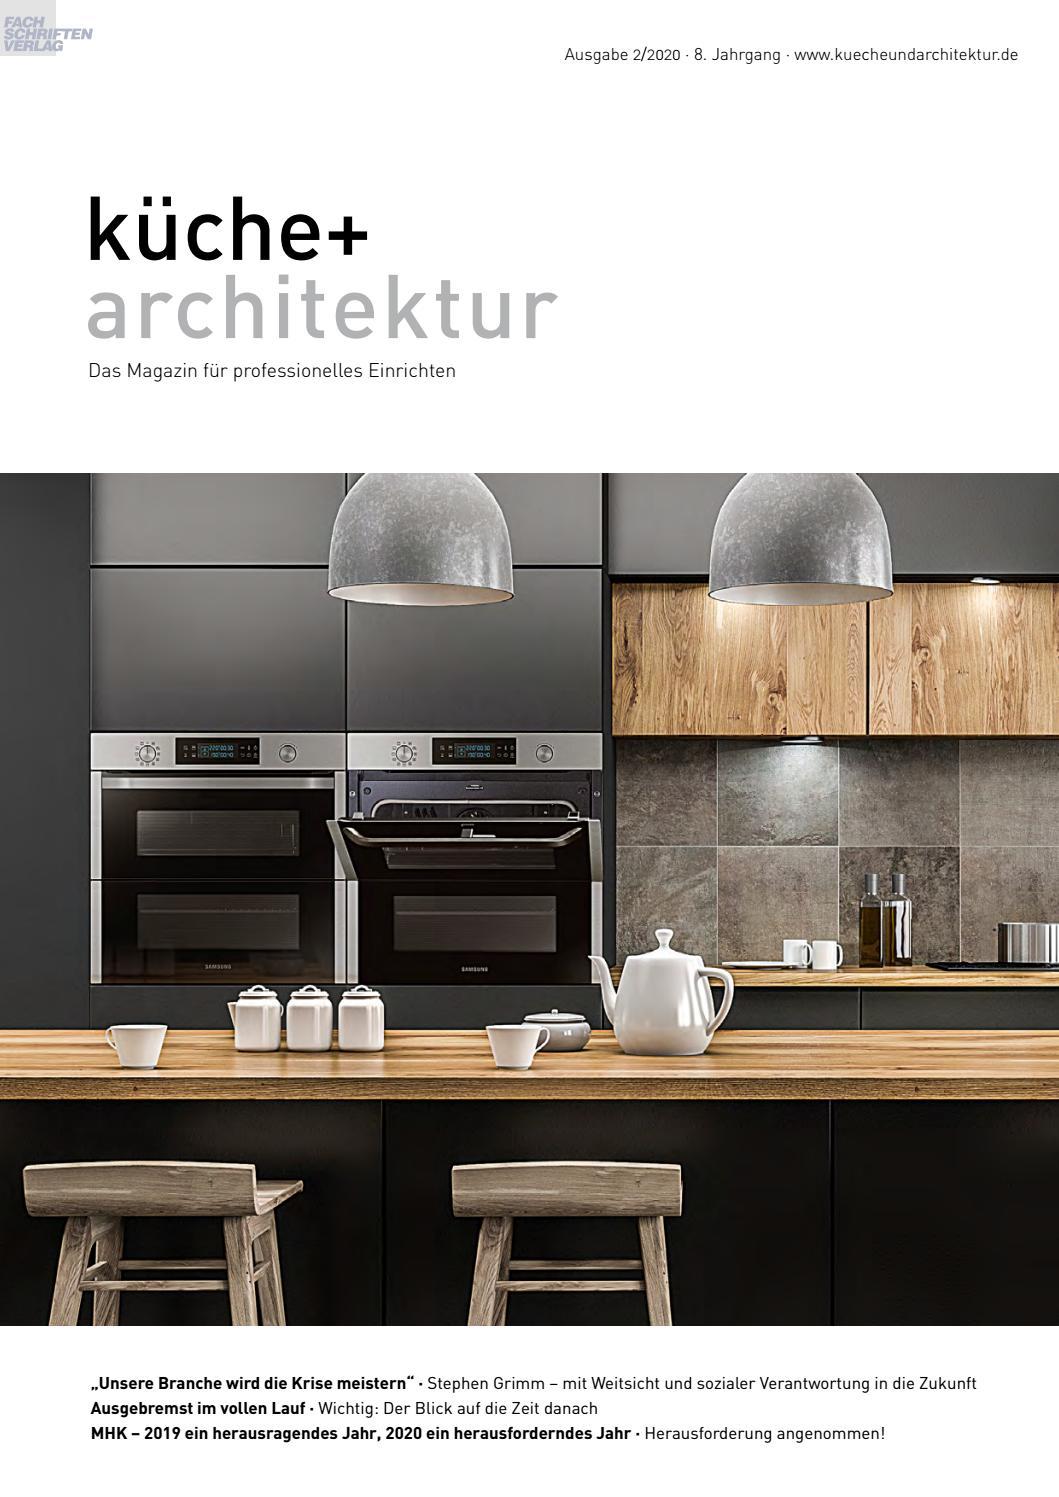 Kuche Architektur 2 2020 By Fachschriften Verlag Issuu